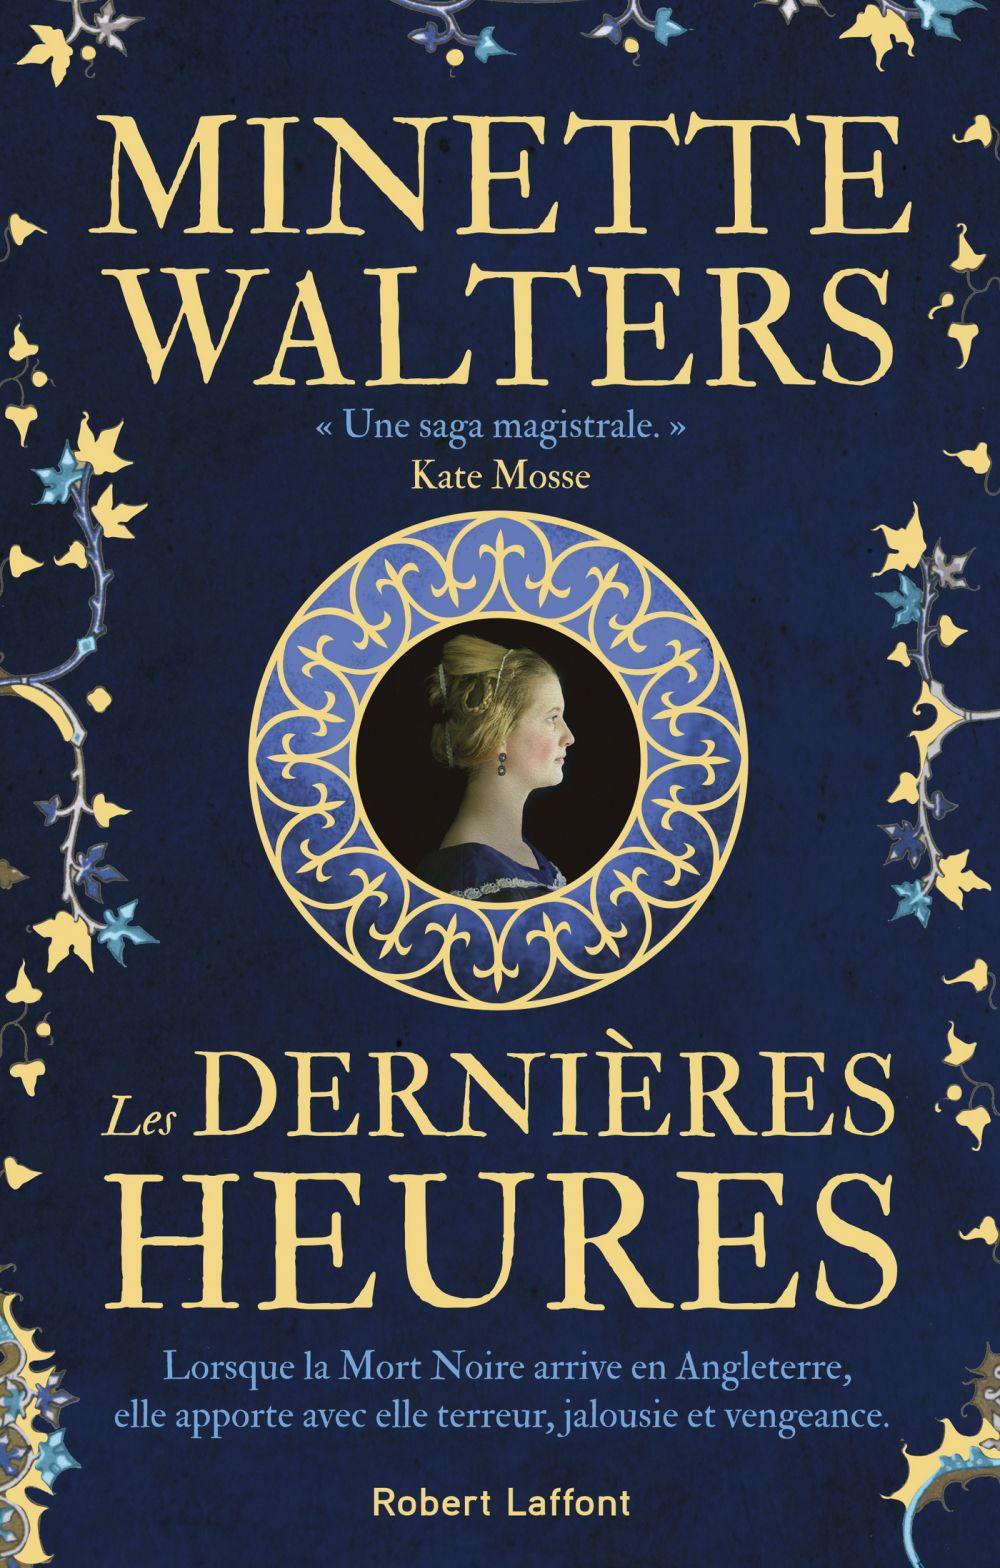 Les Dernières Heures | WALTERS, Minette. Auteur